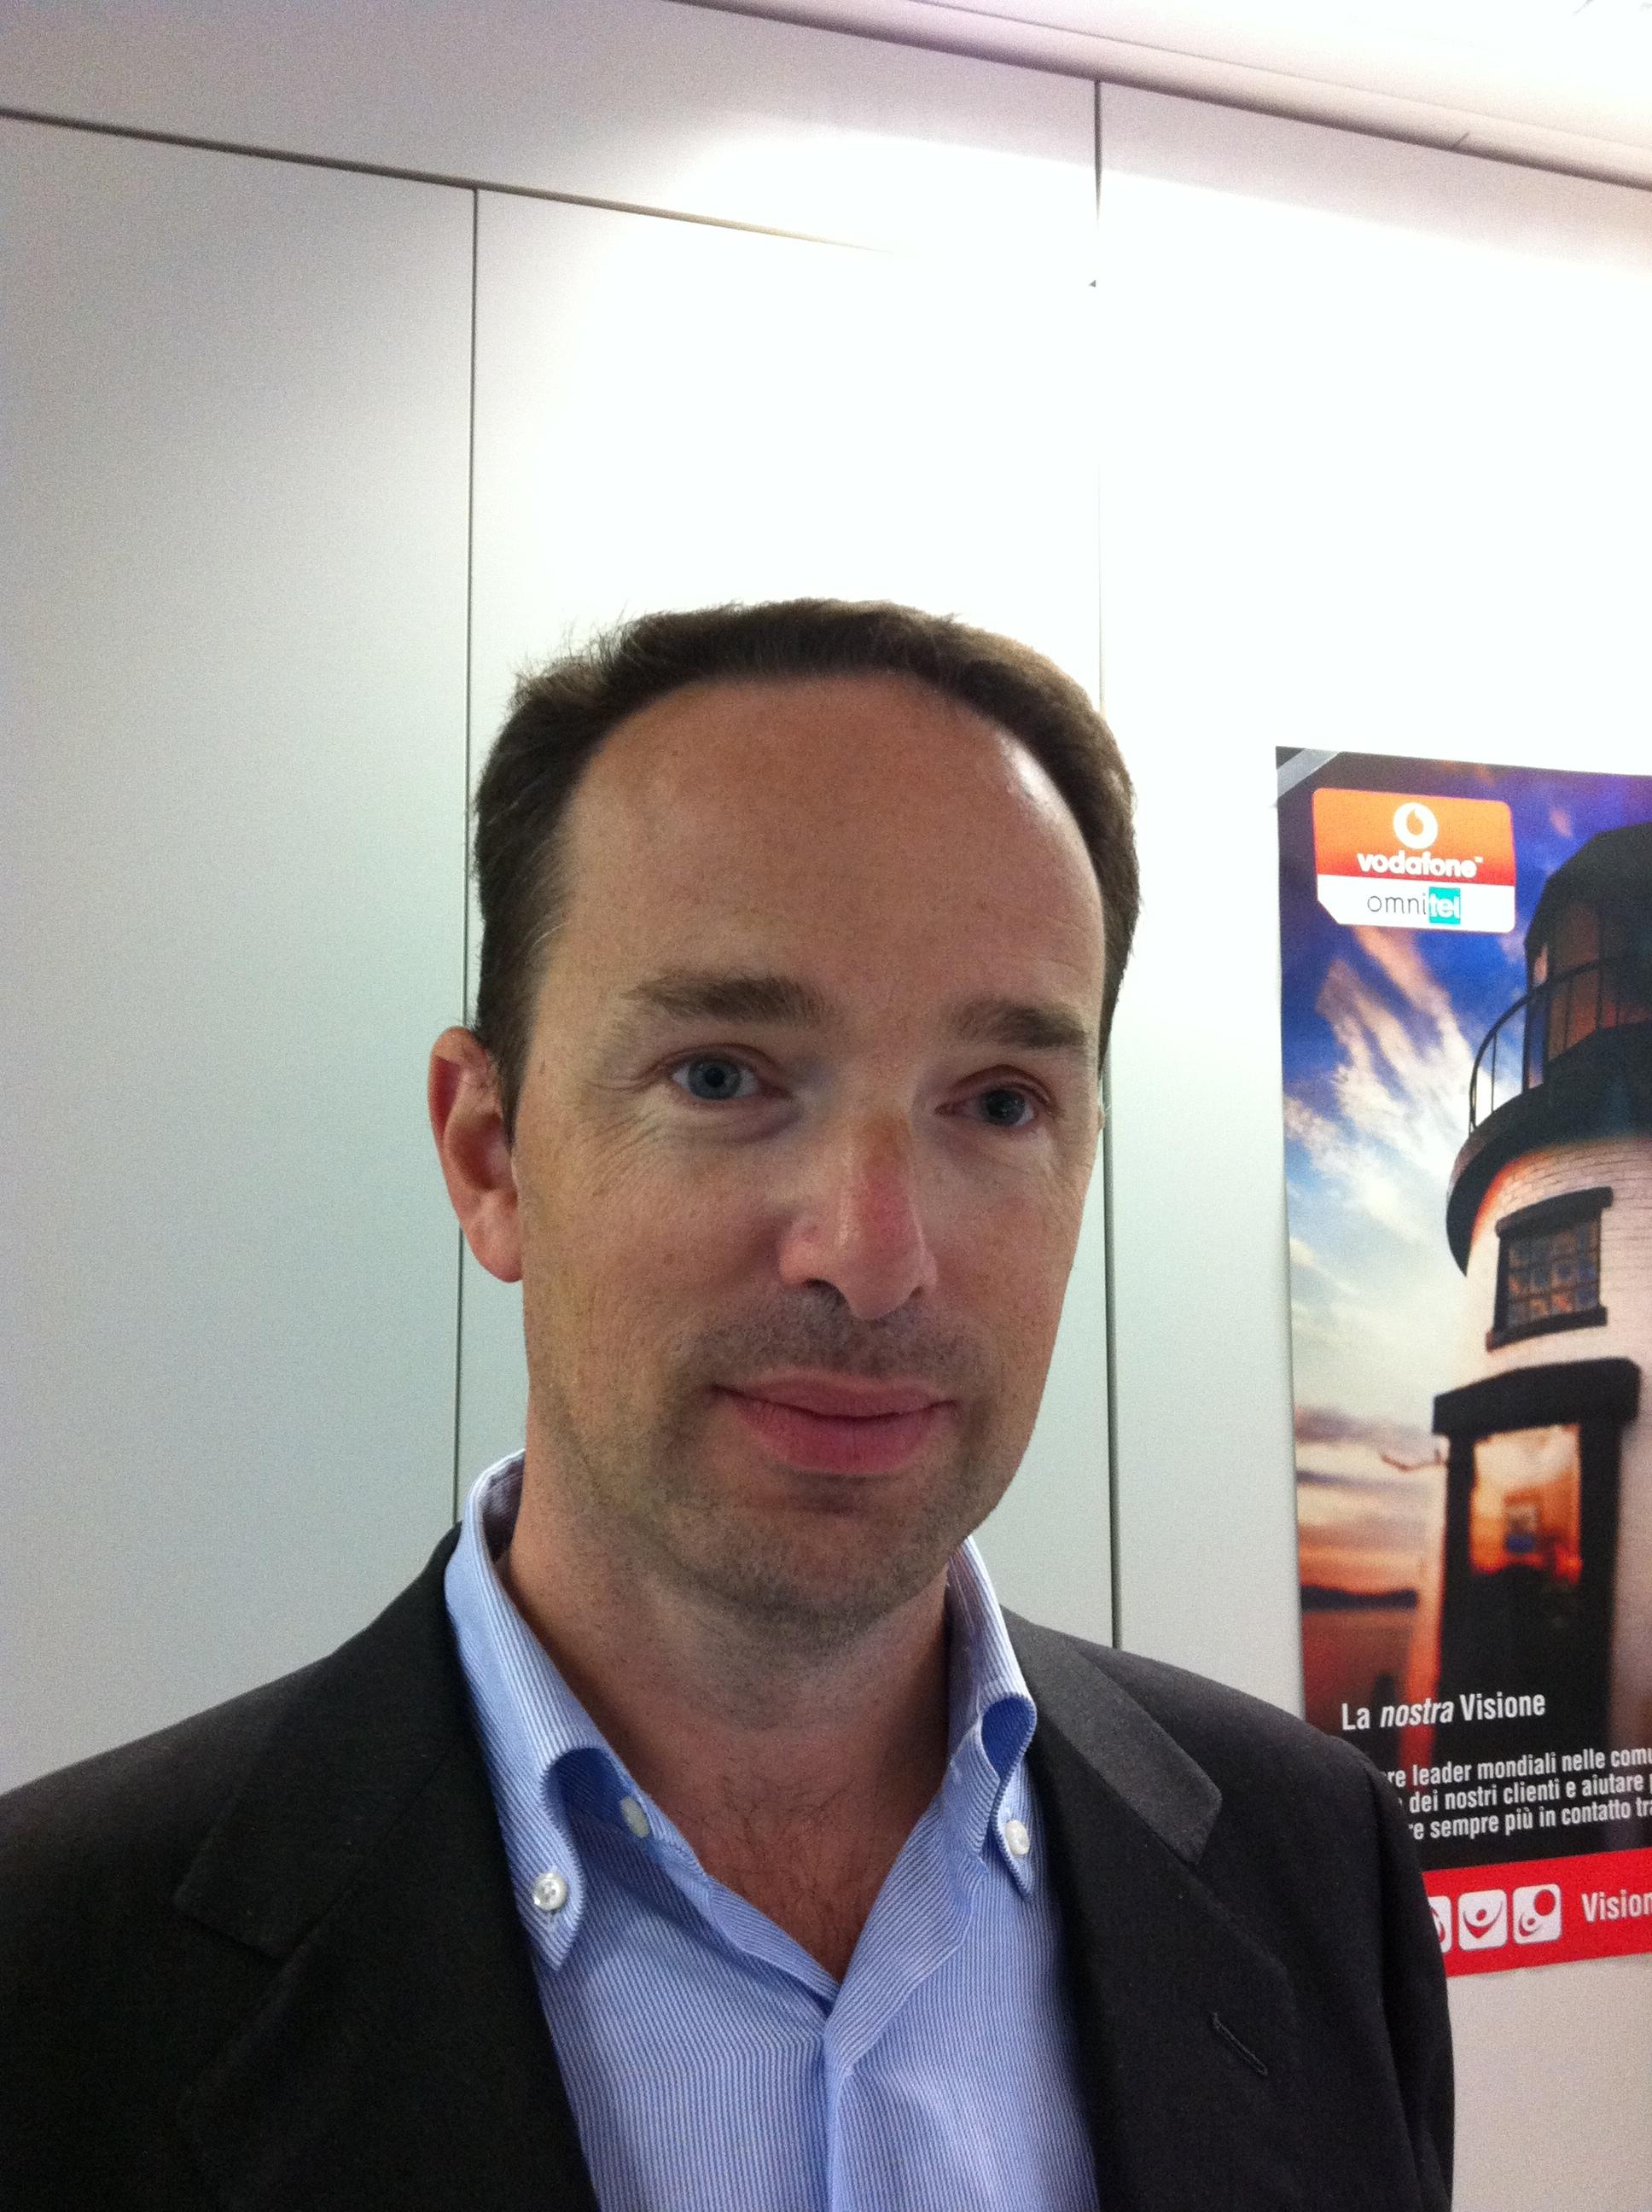 Marco Canesi, Sales Marketing Manager M2M per l'Italia e la Turchia presso Vodafone